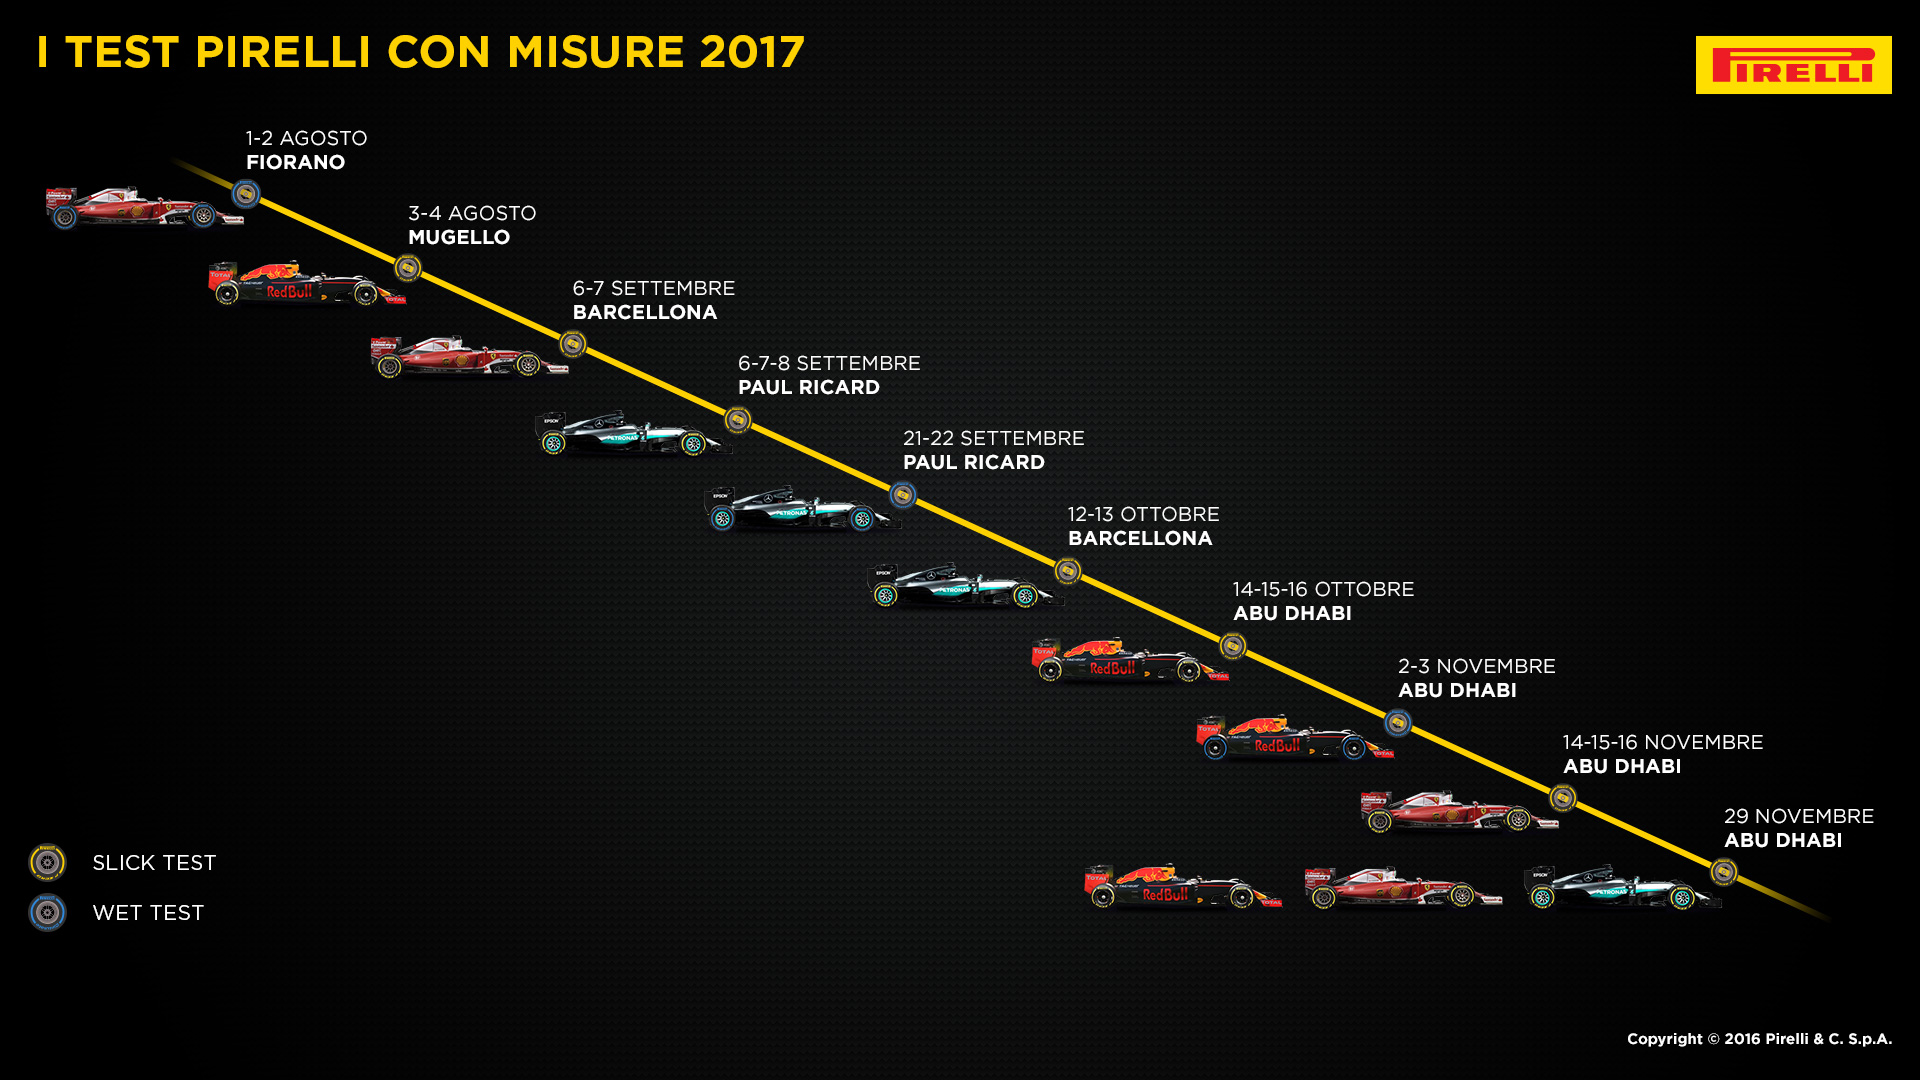 Calendario Formula1.Il Calendario Completo Dei Test F1 Pirelli Con Pneumatici 2017